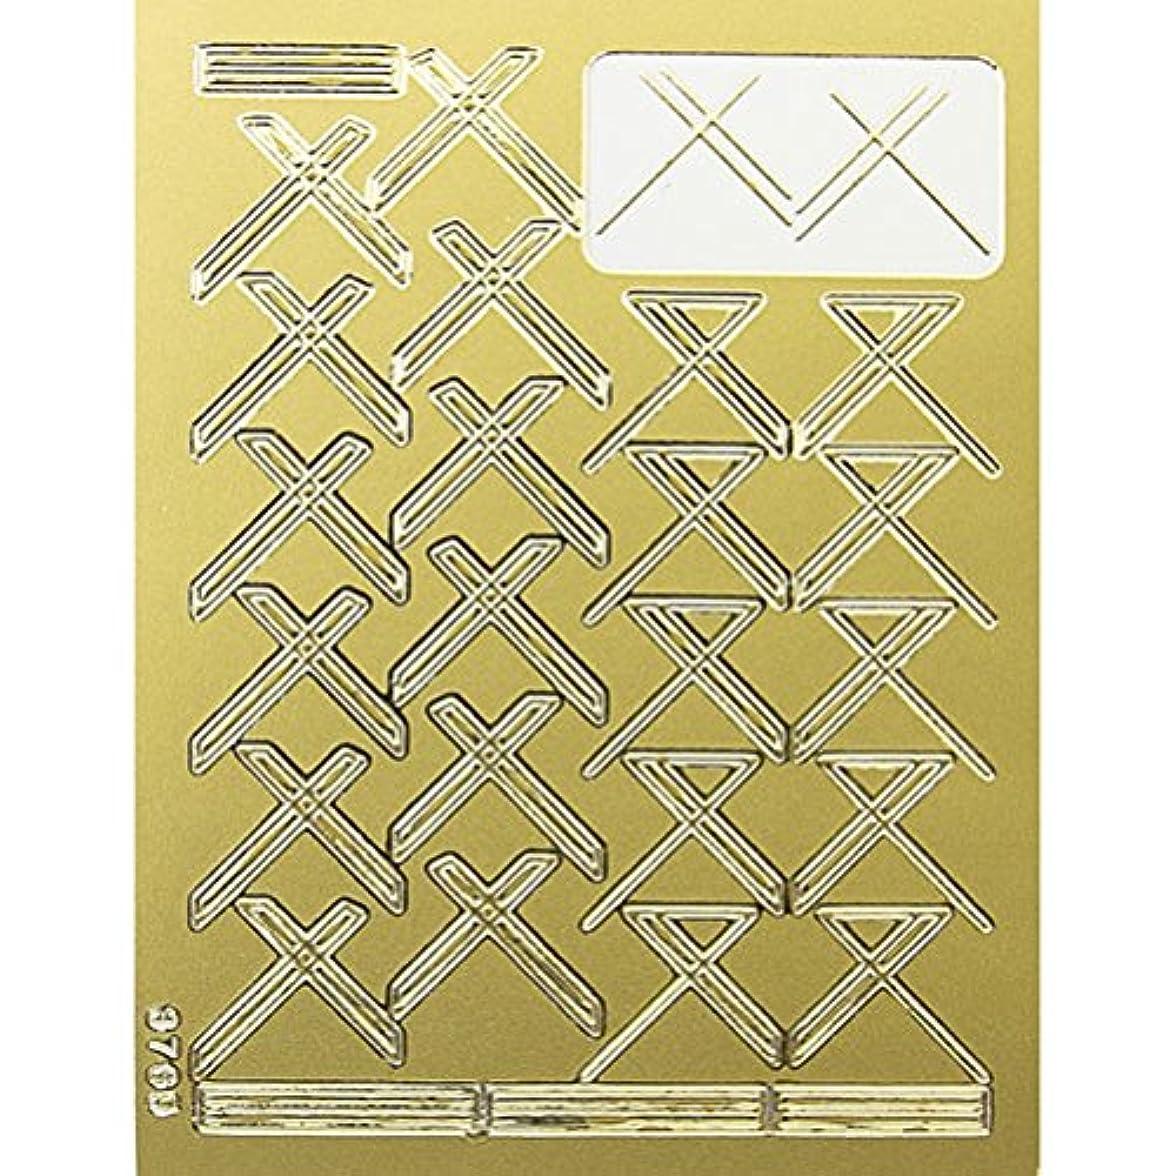 強化雰囲気中古ネイルエンボスシール ゴールドクロス 590-1001